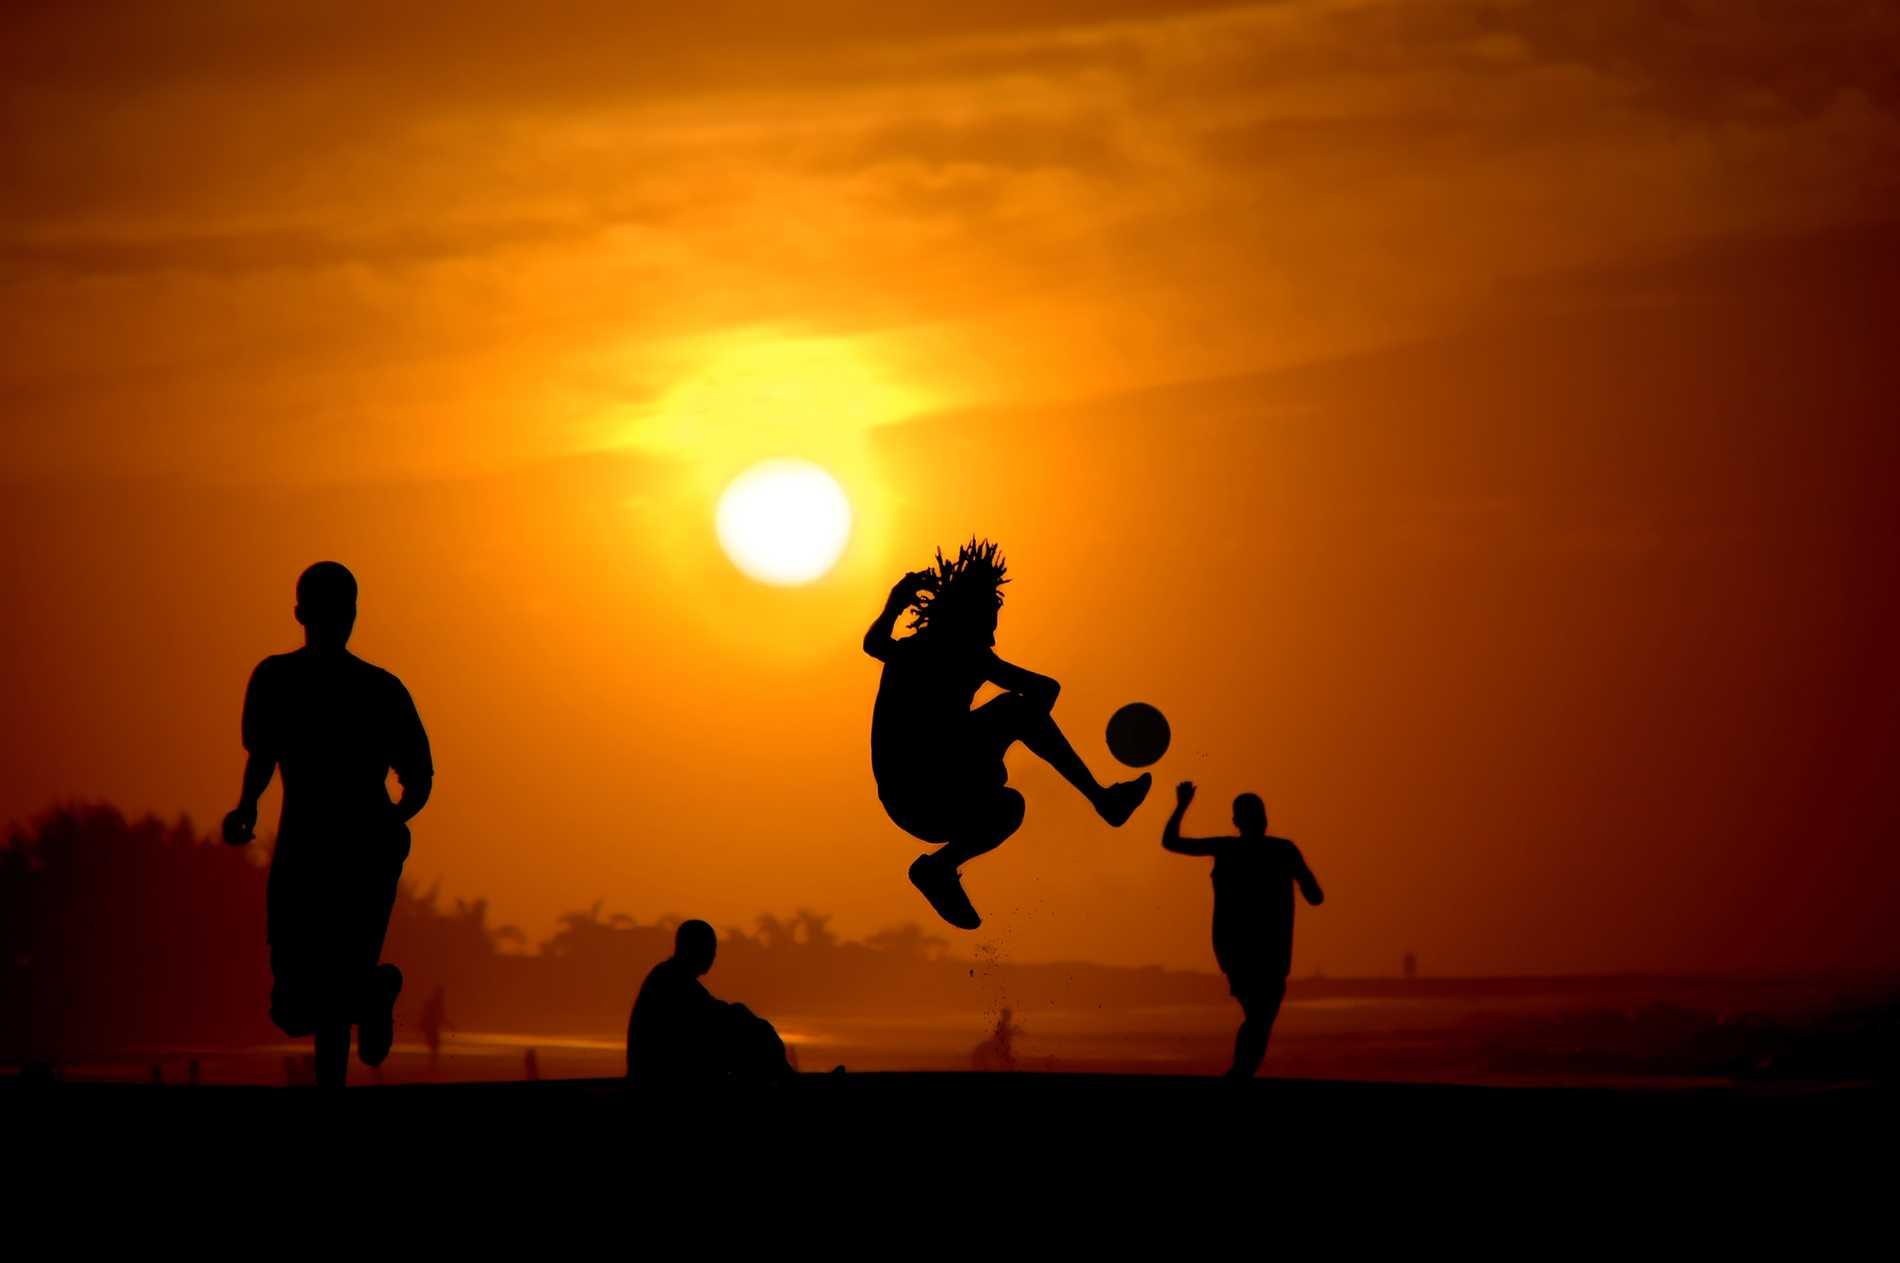 Gambianerna hänger mycket på stranden för att spela fotboll eller prata med turister.